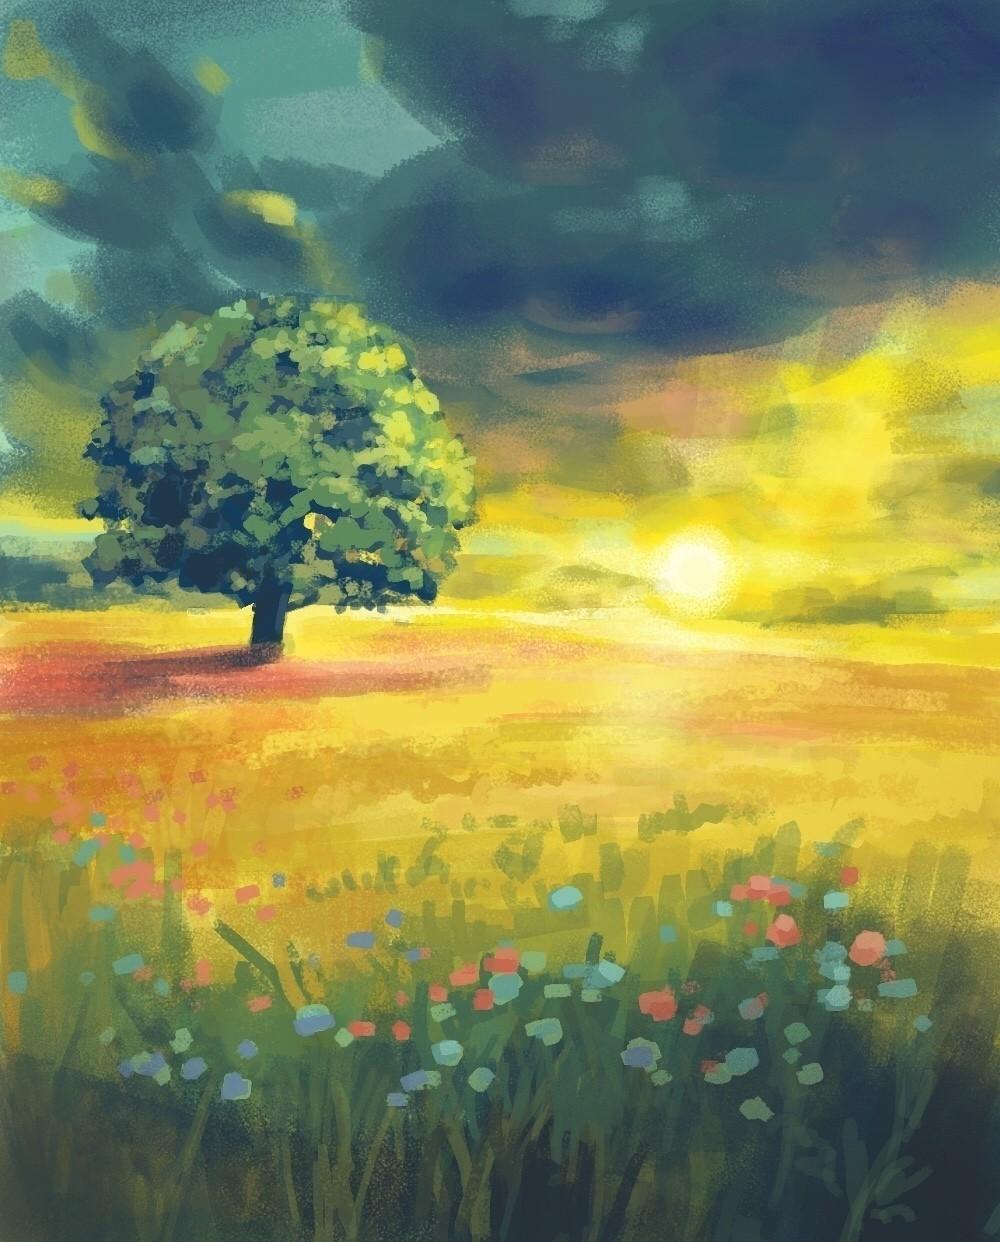 風景画 夕暮れの草原ハートヘッドイラストnote